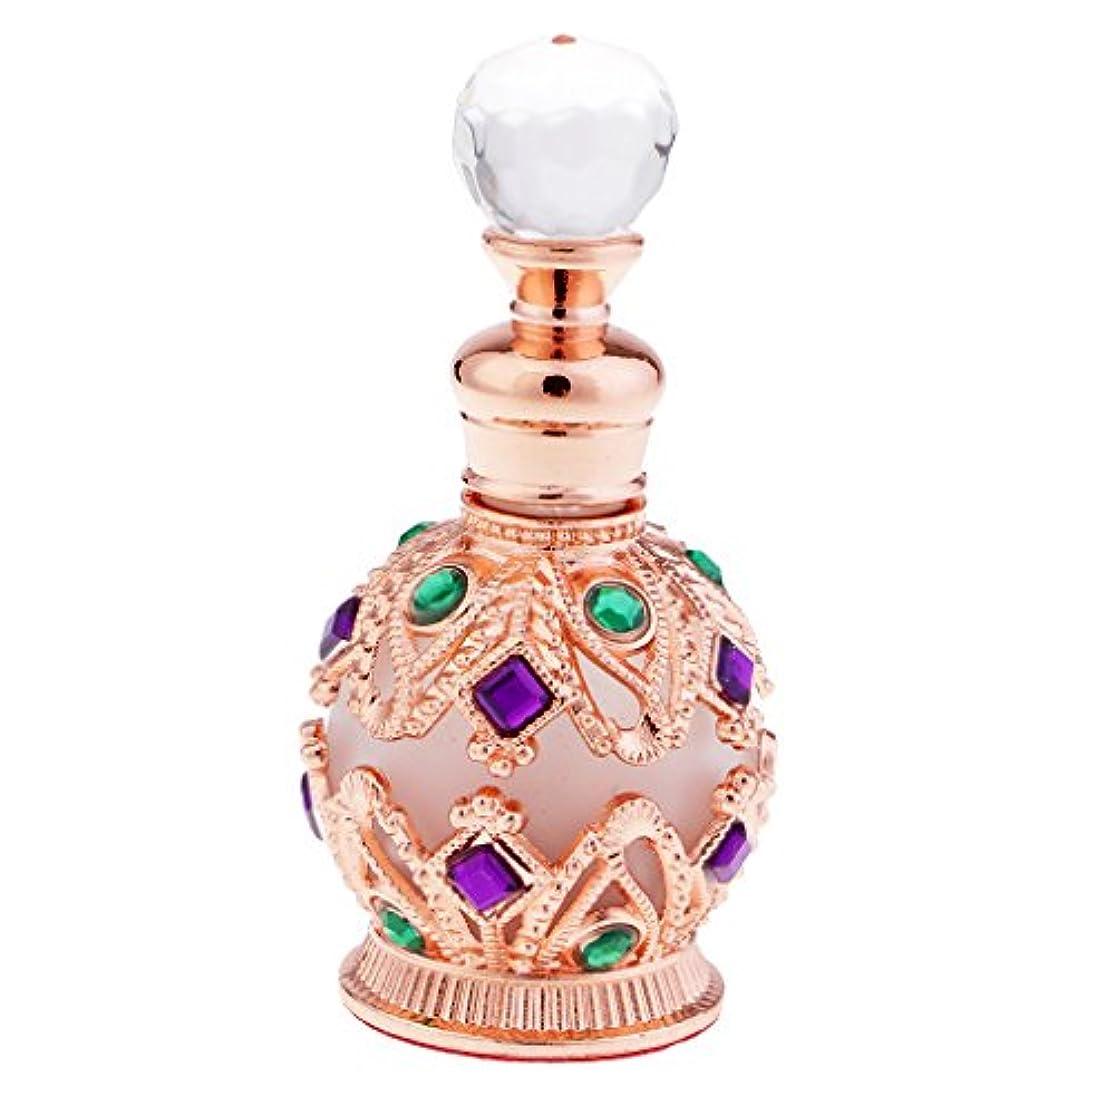 控えるフィードバックこっそり金属製 香水瓶 15ml ロイヤル 中東スタイル 香水容器 高級感 贈り物 全2色 - ローズゴールド